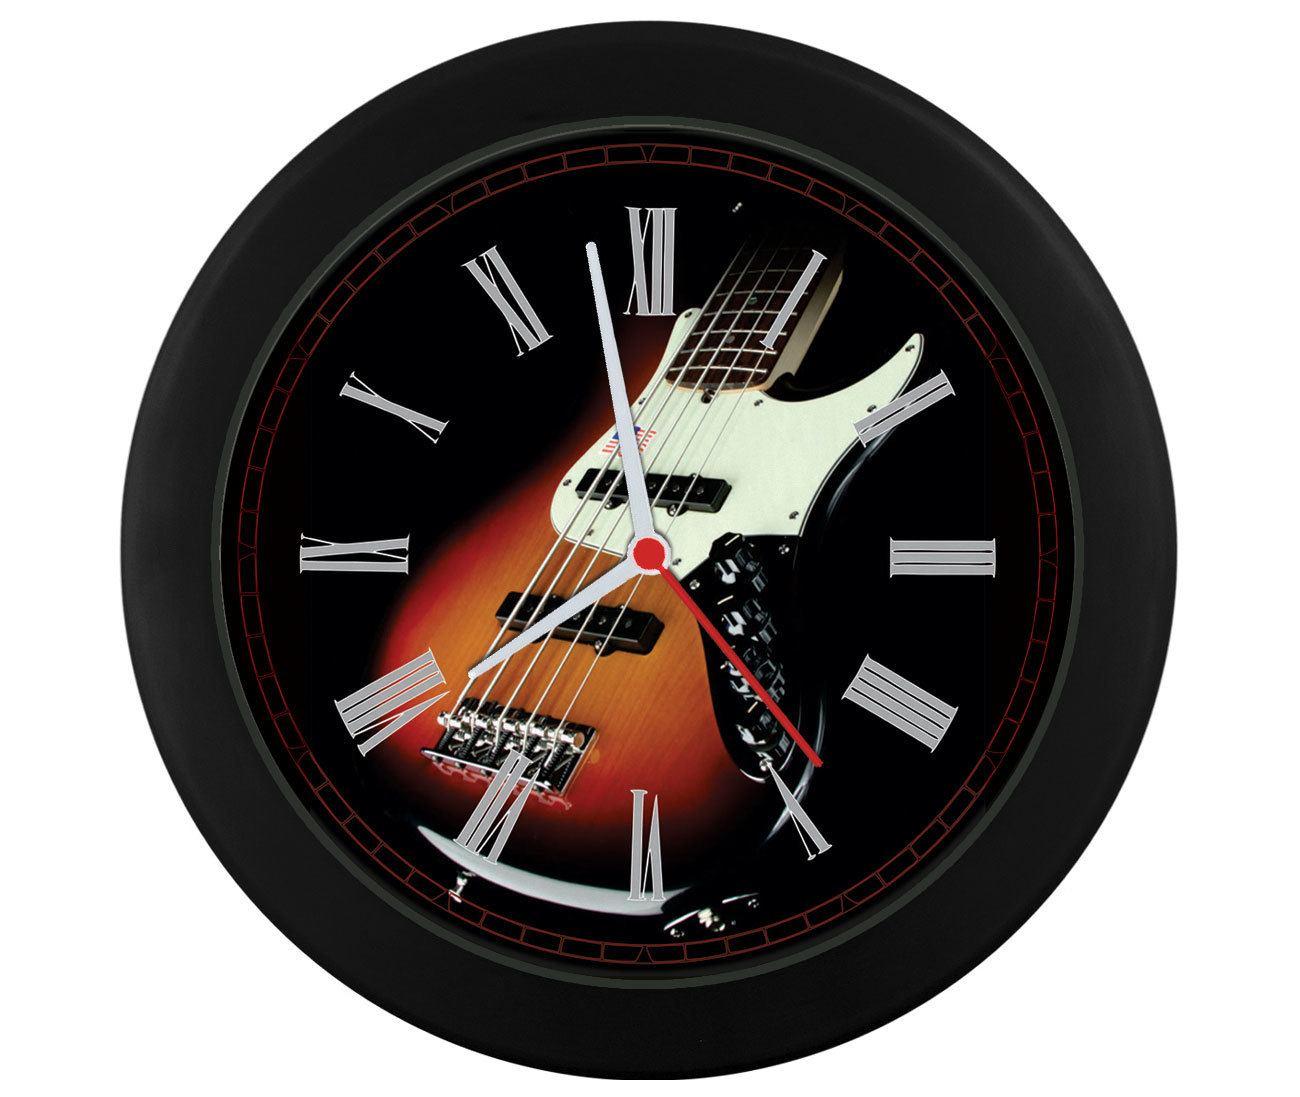 Relógio parede Contrabaixo Jazz Bass Sunburst